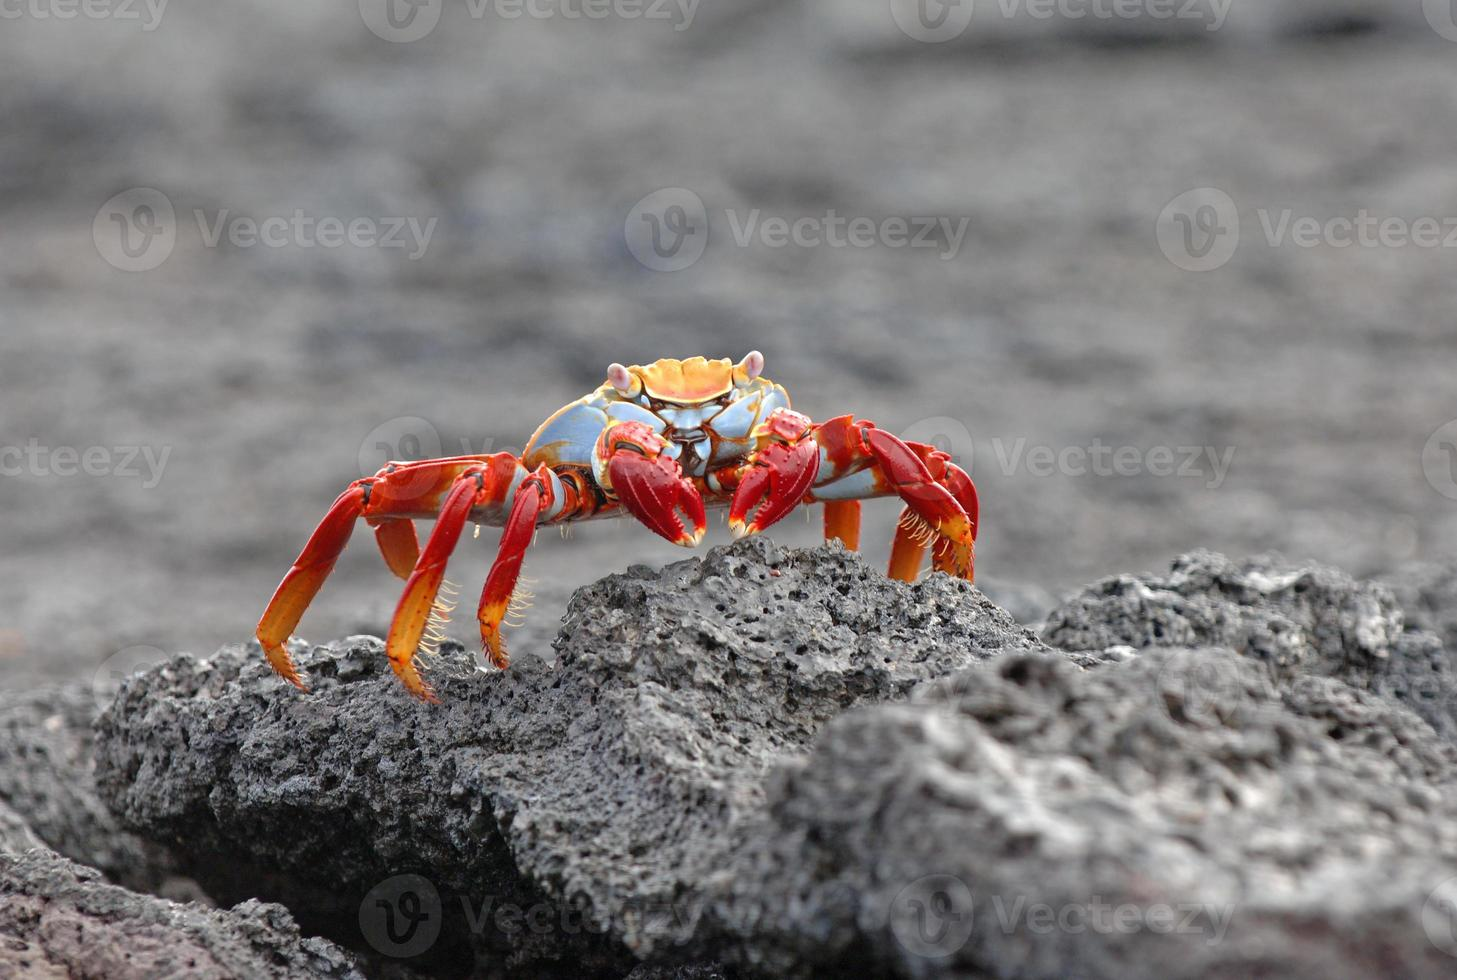 caranguejo sally lightfoot, ilhas galápagos, equador foto